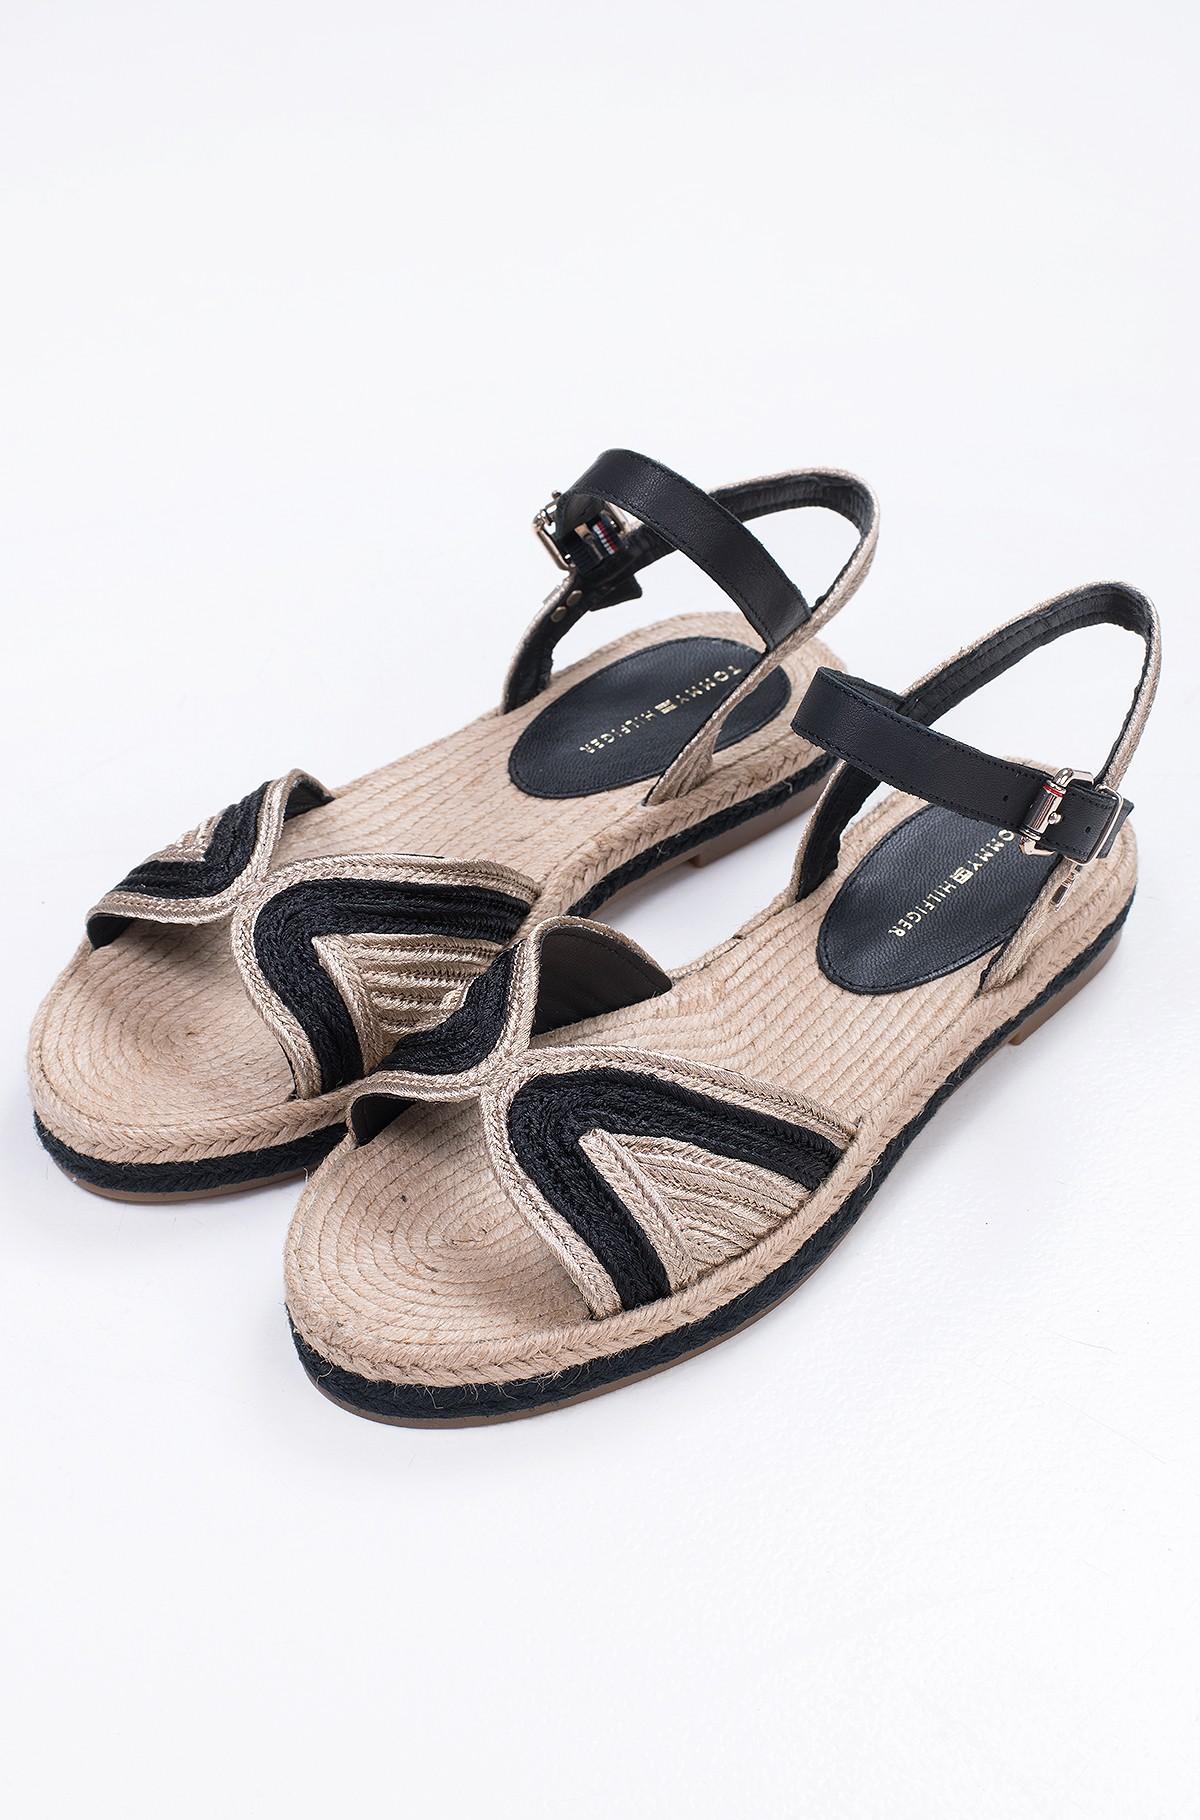 Sandals TH ARTISANAL FLAT SANDAL-full-1